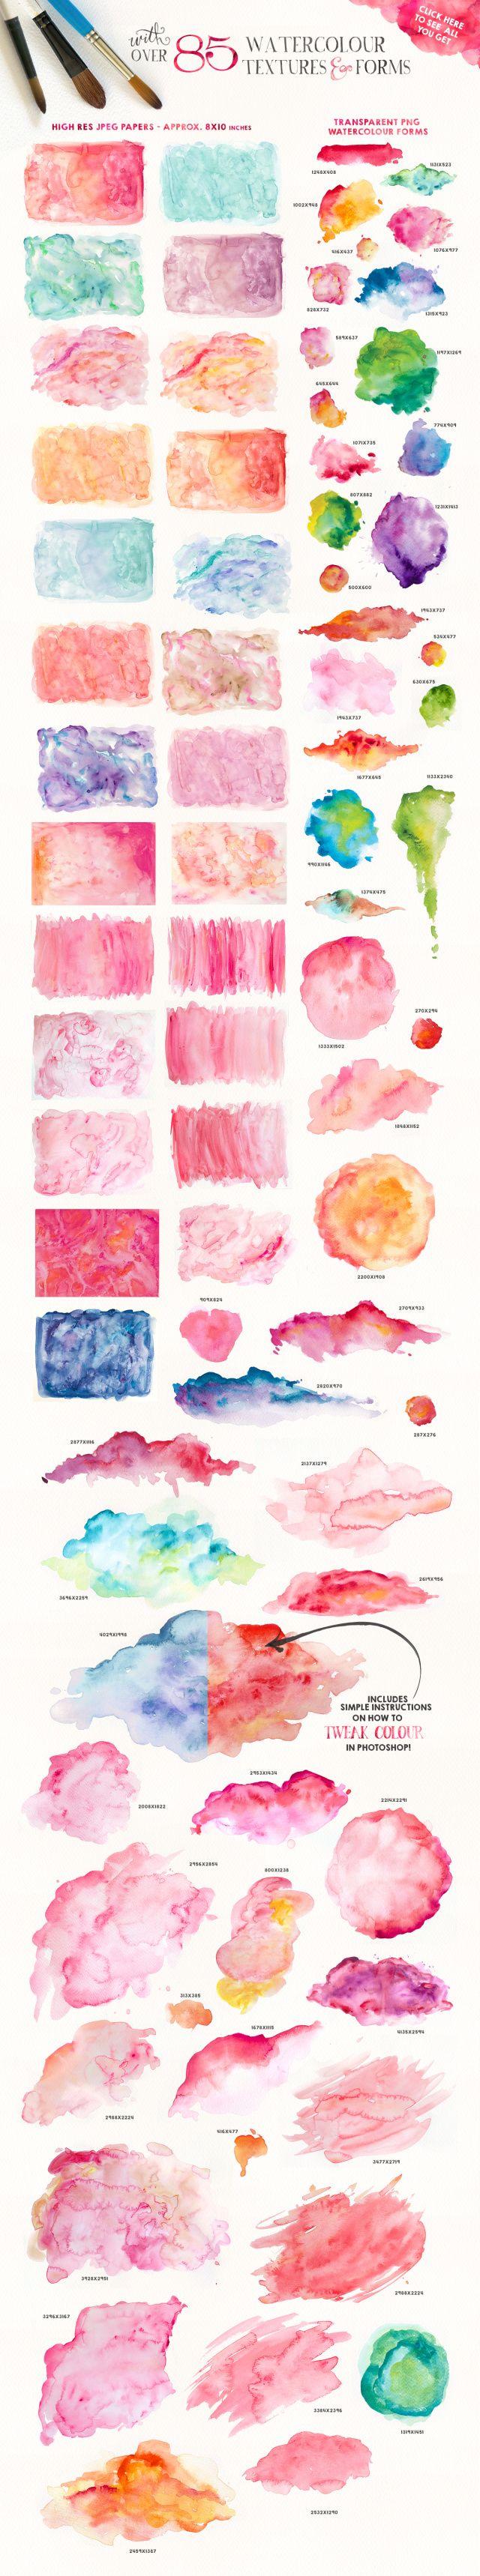 watercolors download